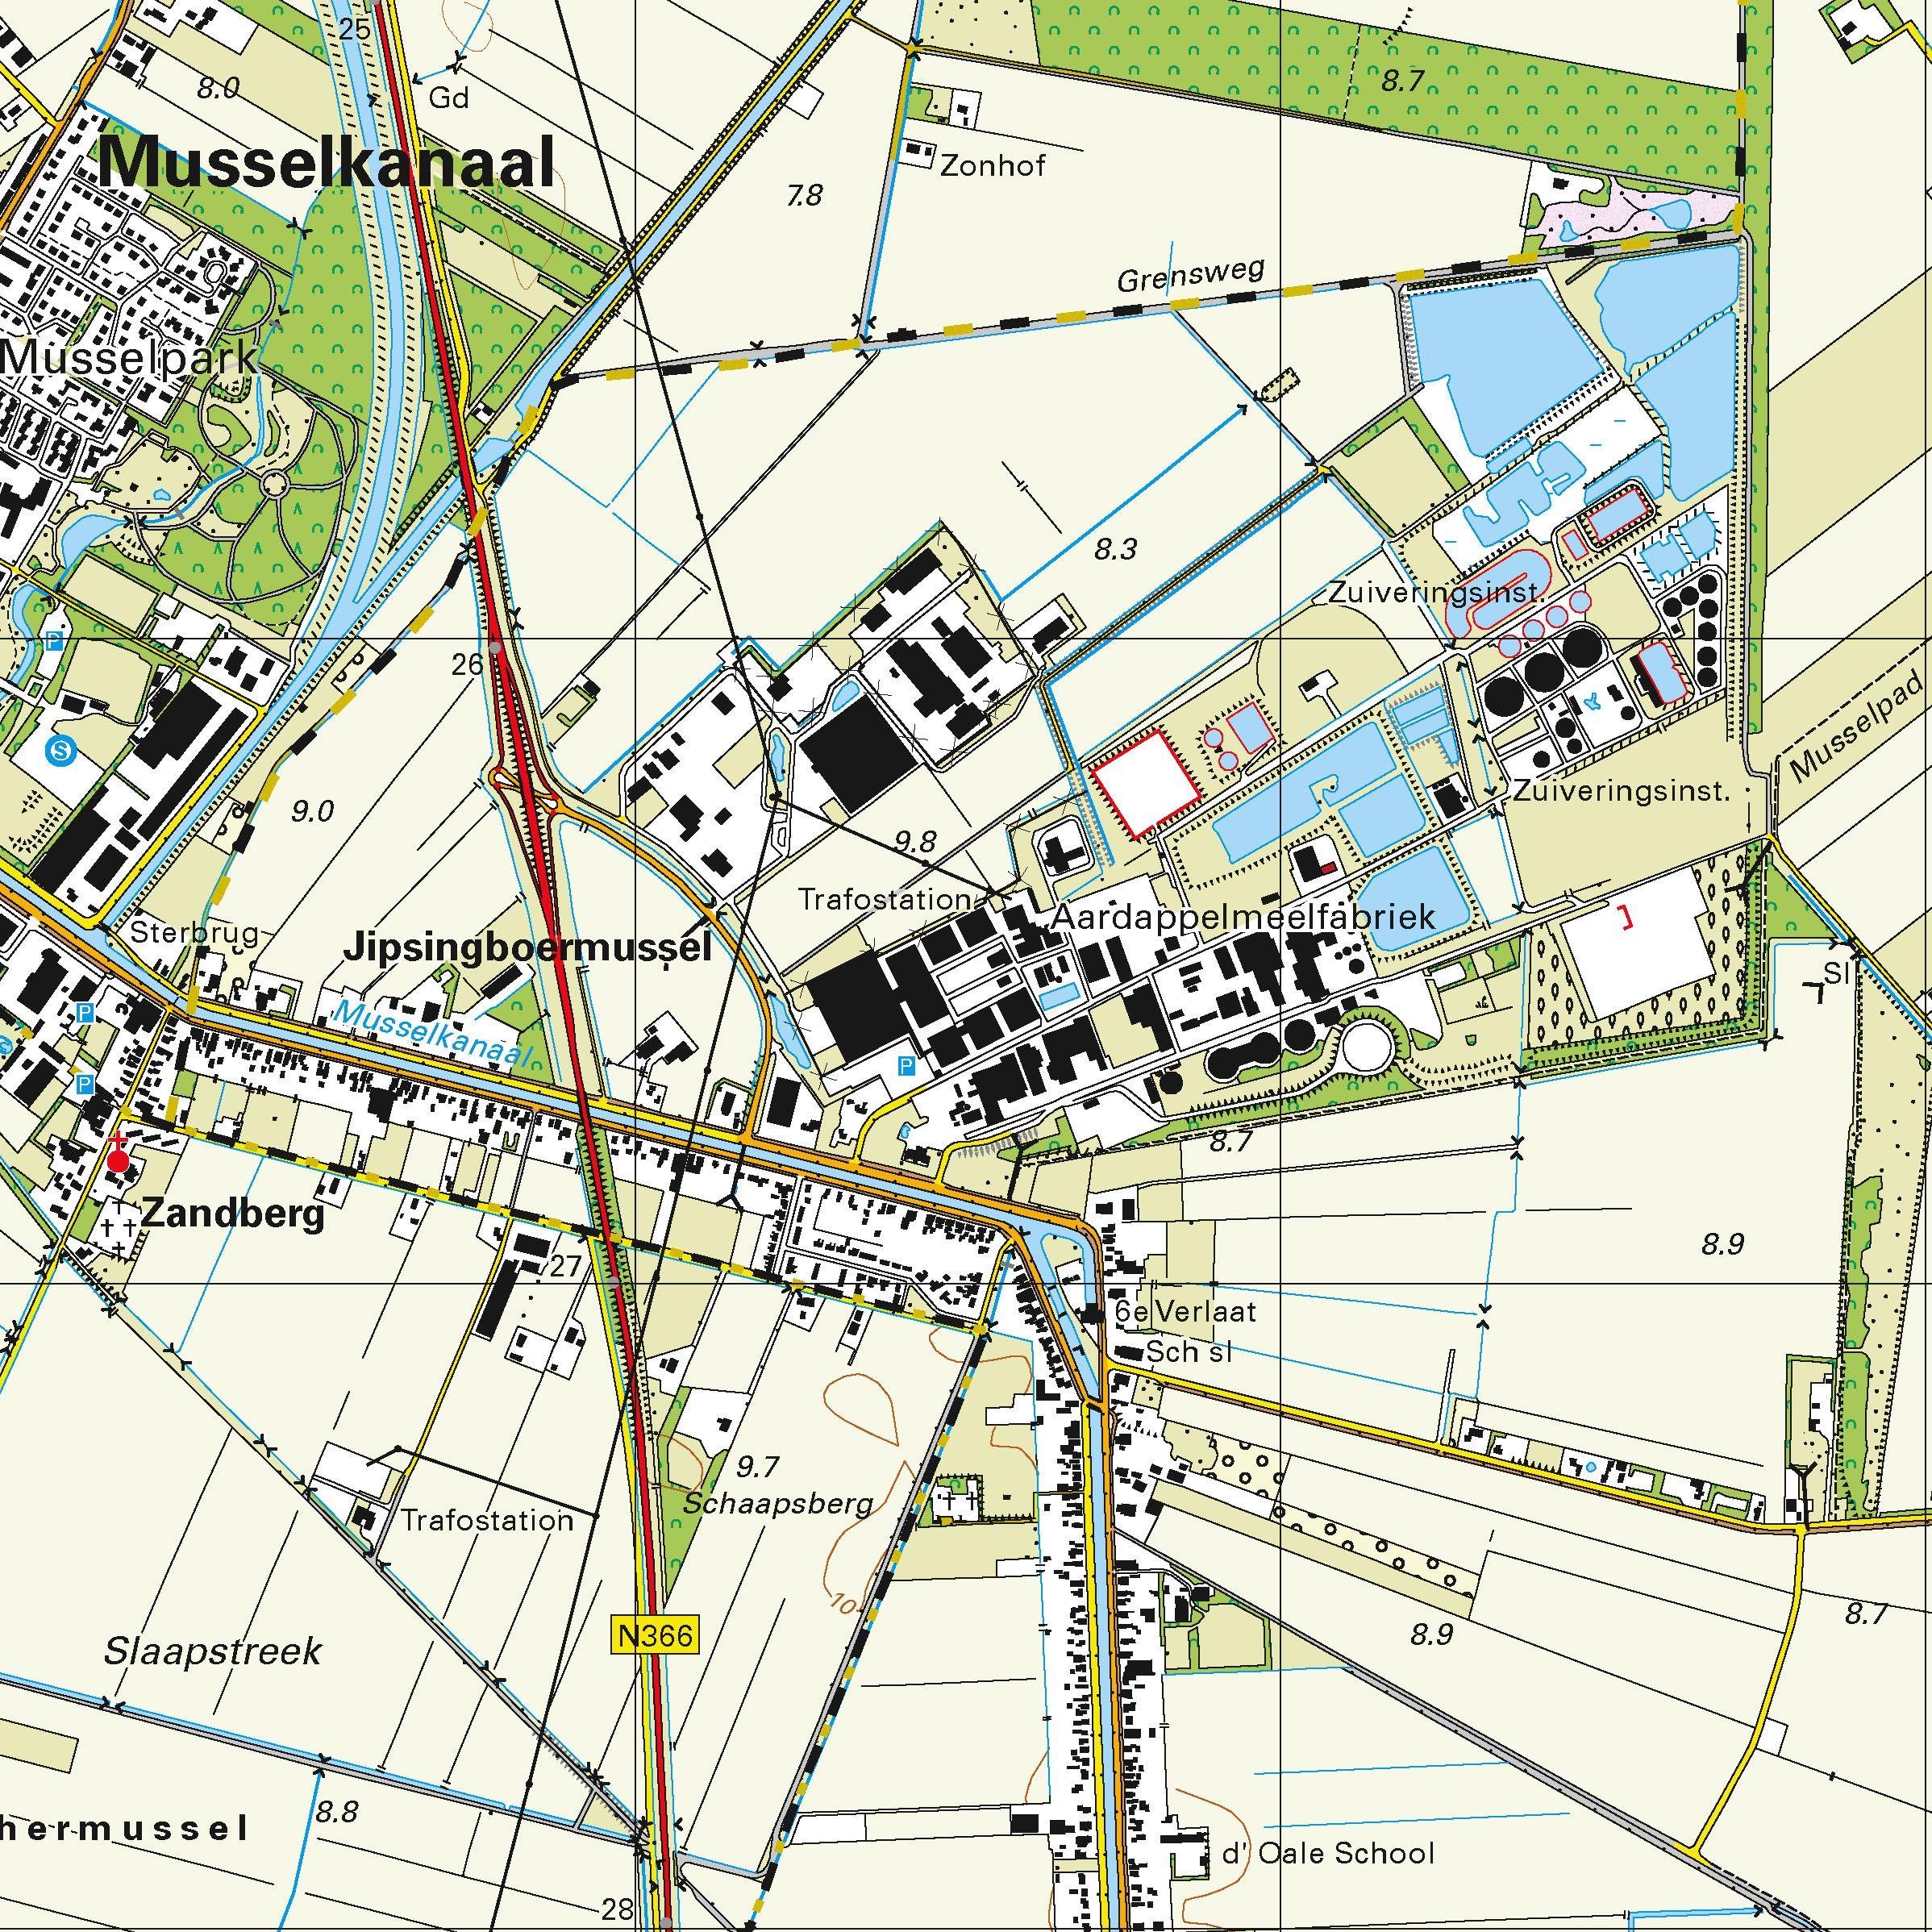 Topografische kaart schaal 1:25.000 (Stadskanaal, Nieuw-Buinen, Exloo, Odoorn, Ter Apel)